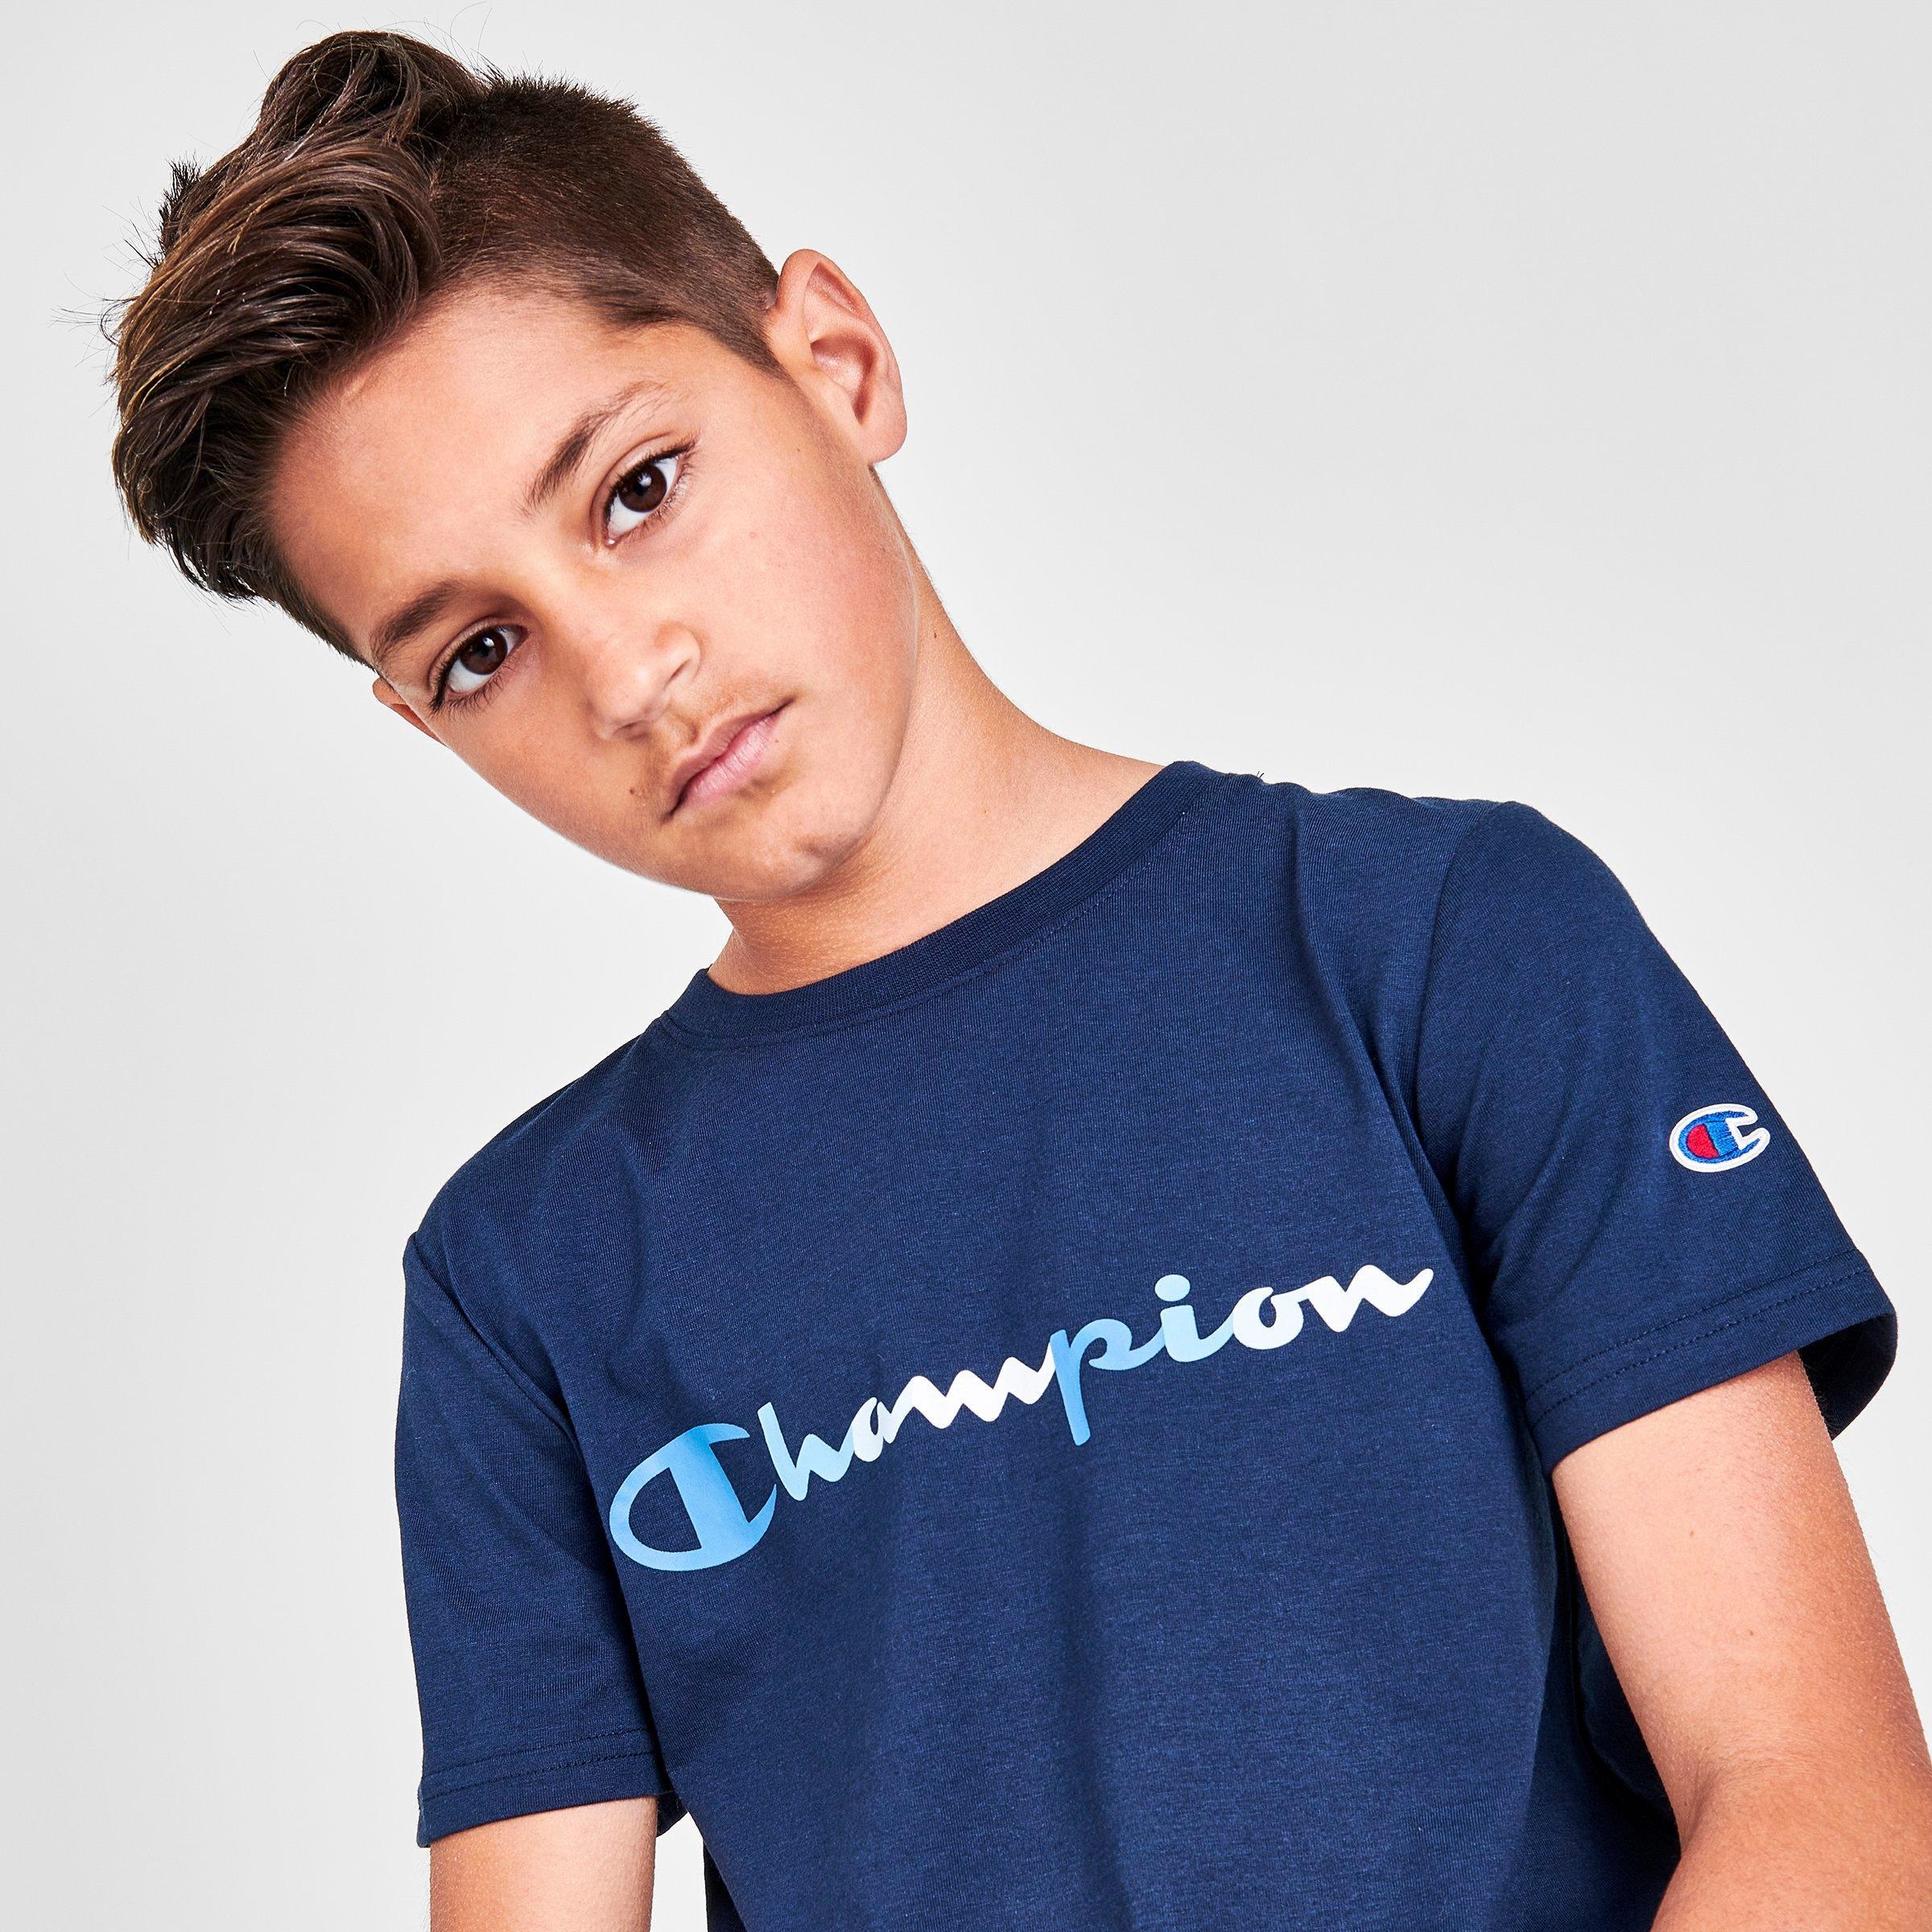 305195 KL008 Details about  /CHAMPION T-Shirt Child Art